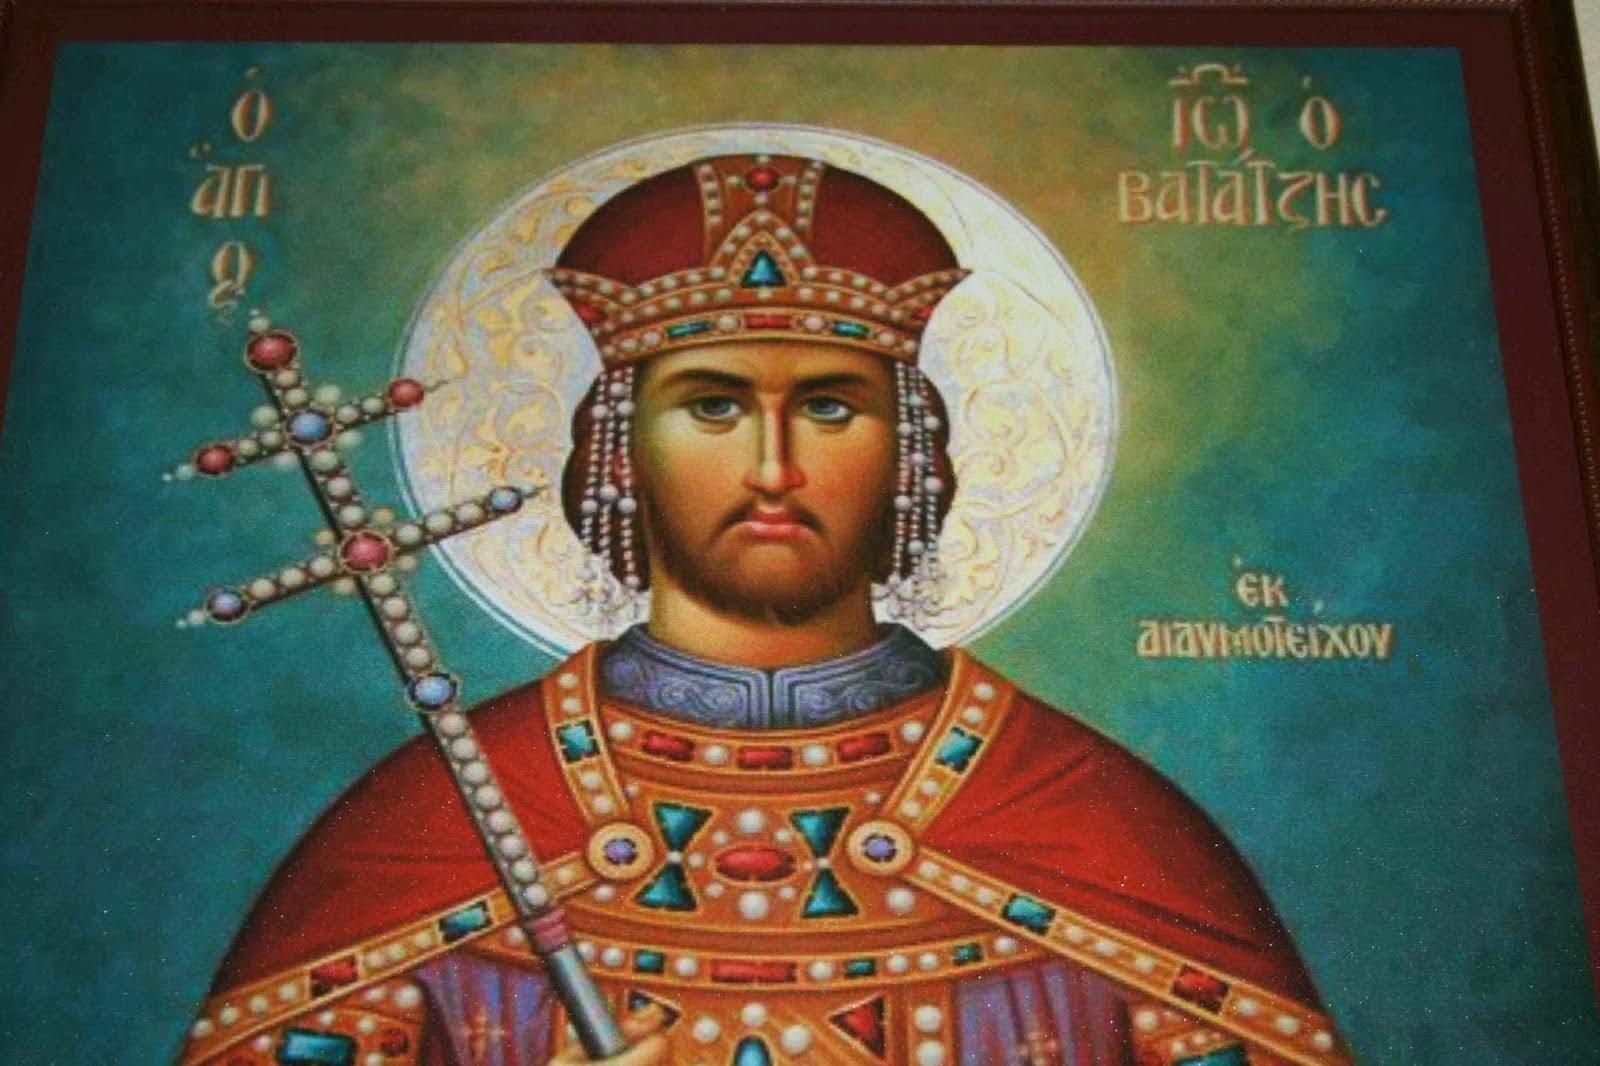 Τιμούμε στις 4-11 τον  Άγ. Ιωάννη Βατάτζη, τον ελεήμων και διορατικό αυτοκράτορα